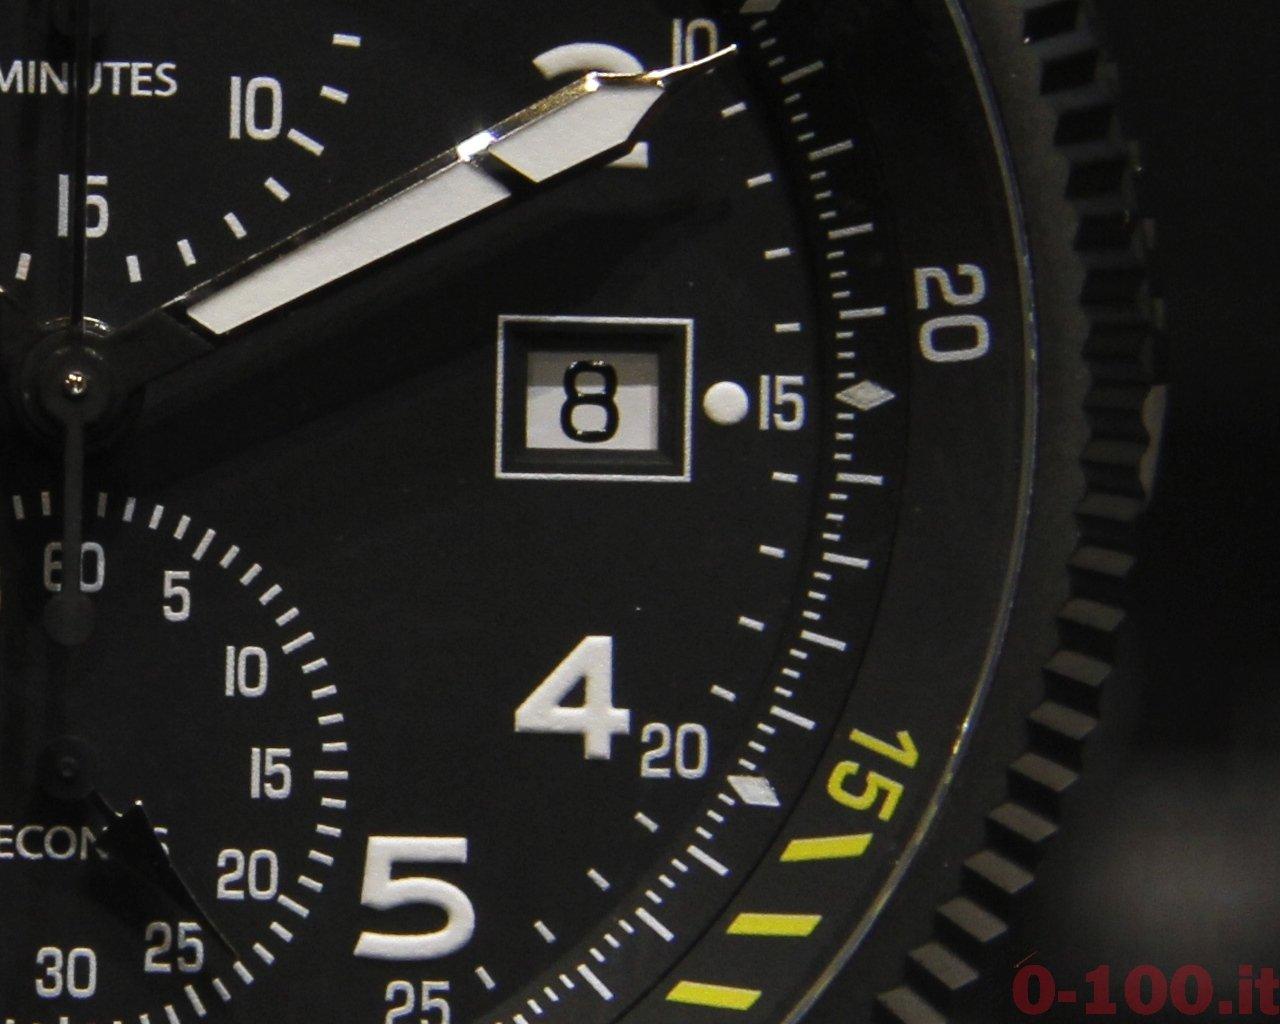 Hamilton-khaki-takeoff-auto-chrono-limited-edition-0-100_12